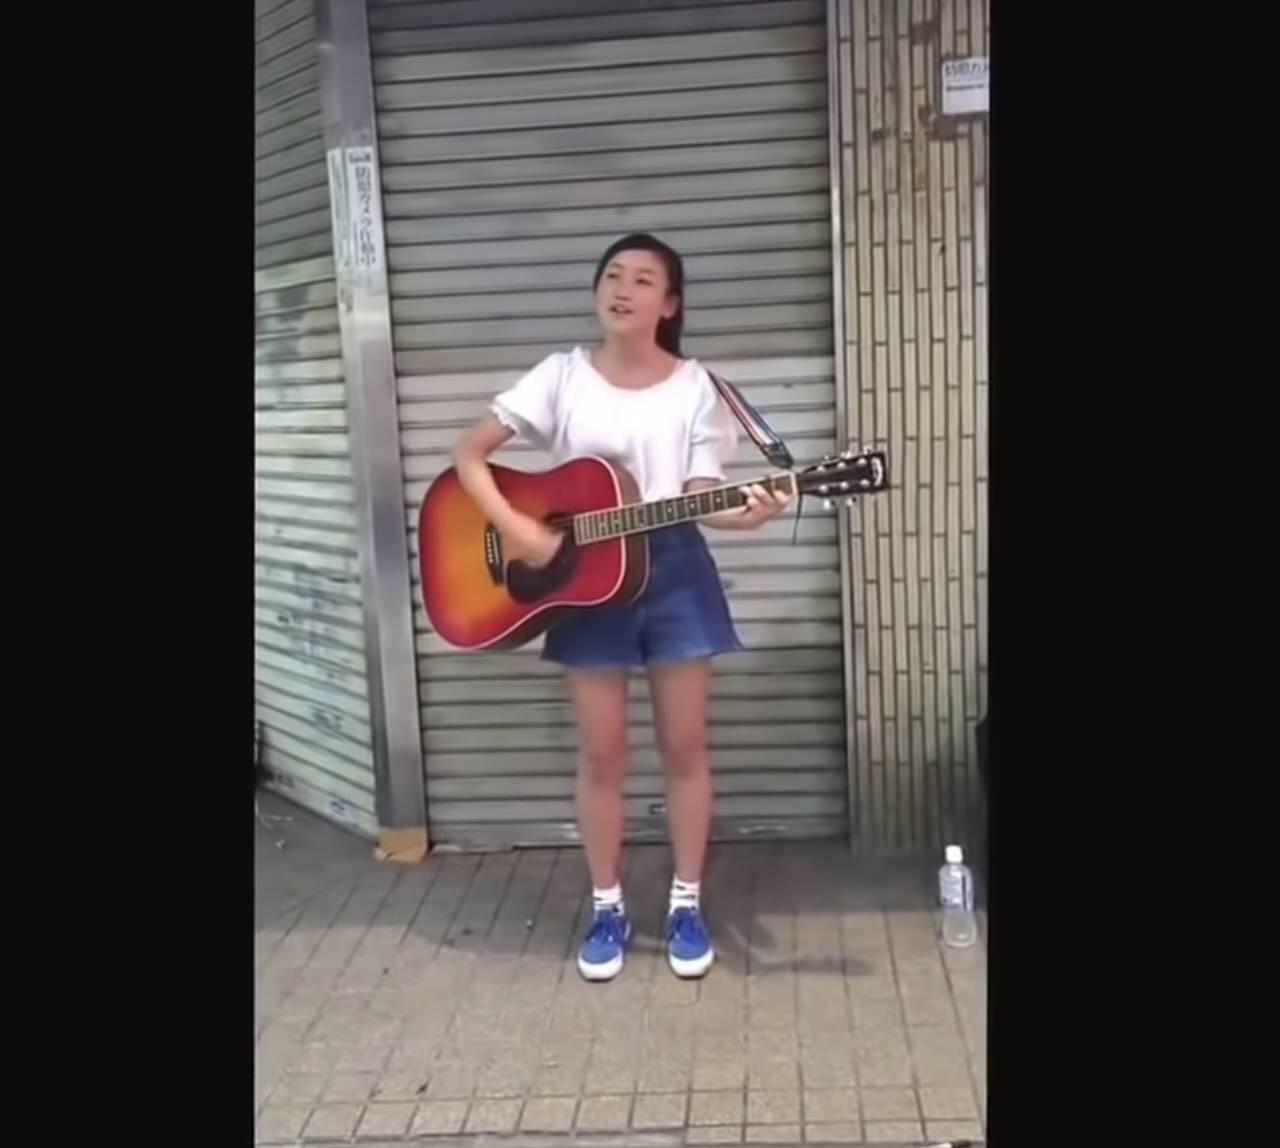 紅白歌合戦に出場した「YOASOBI」ボーカルikura/幾田りらの14歳・15歳時の弾き語り動画がYouTubeに